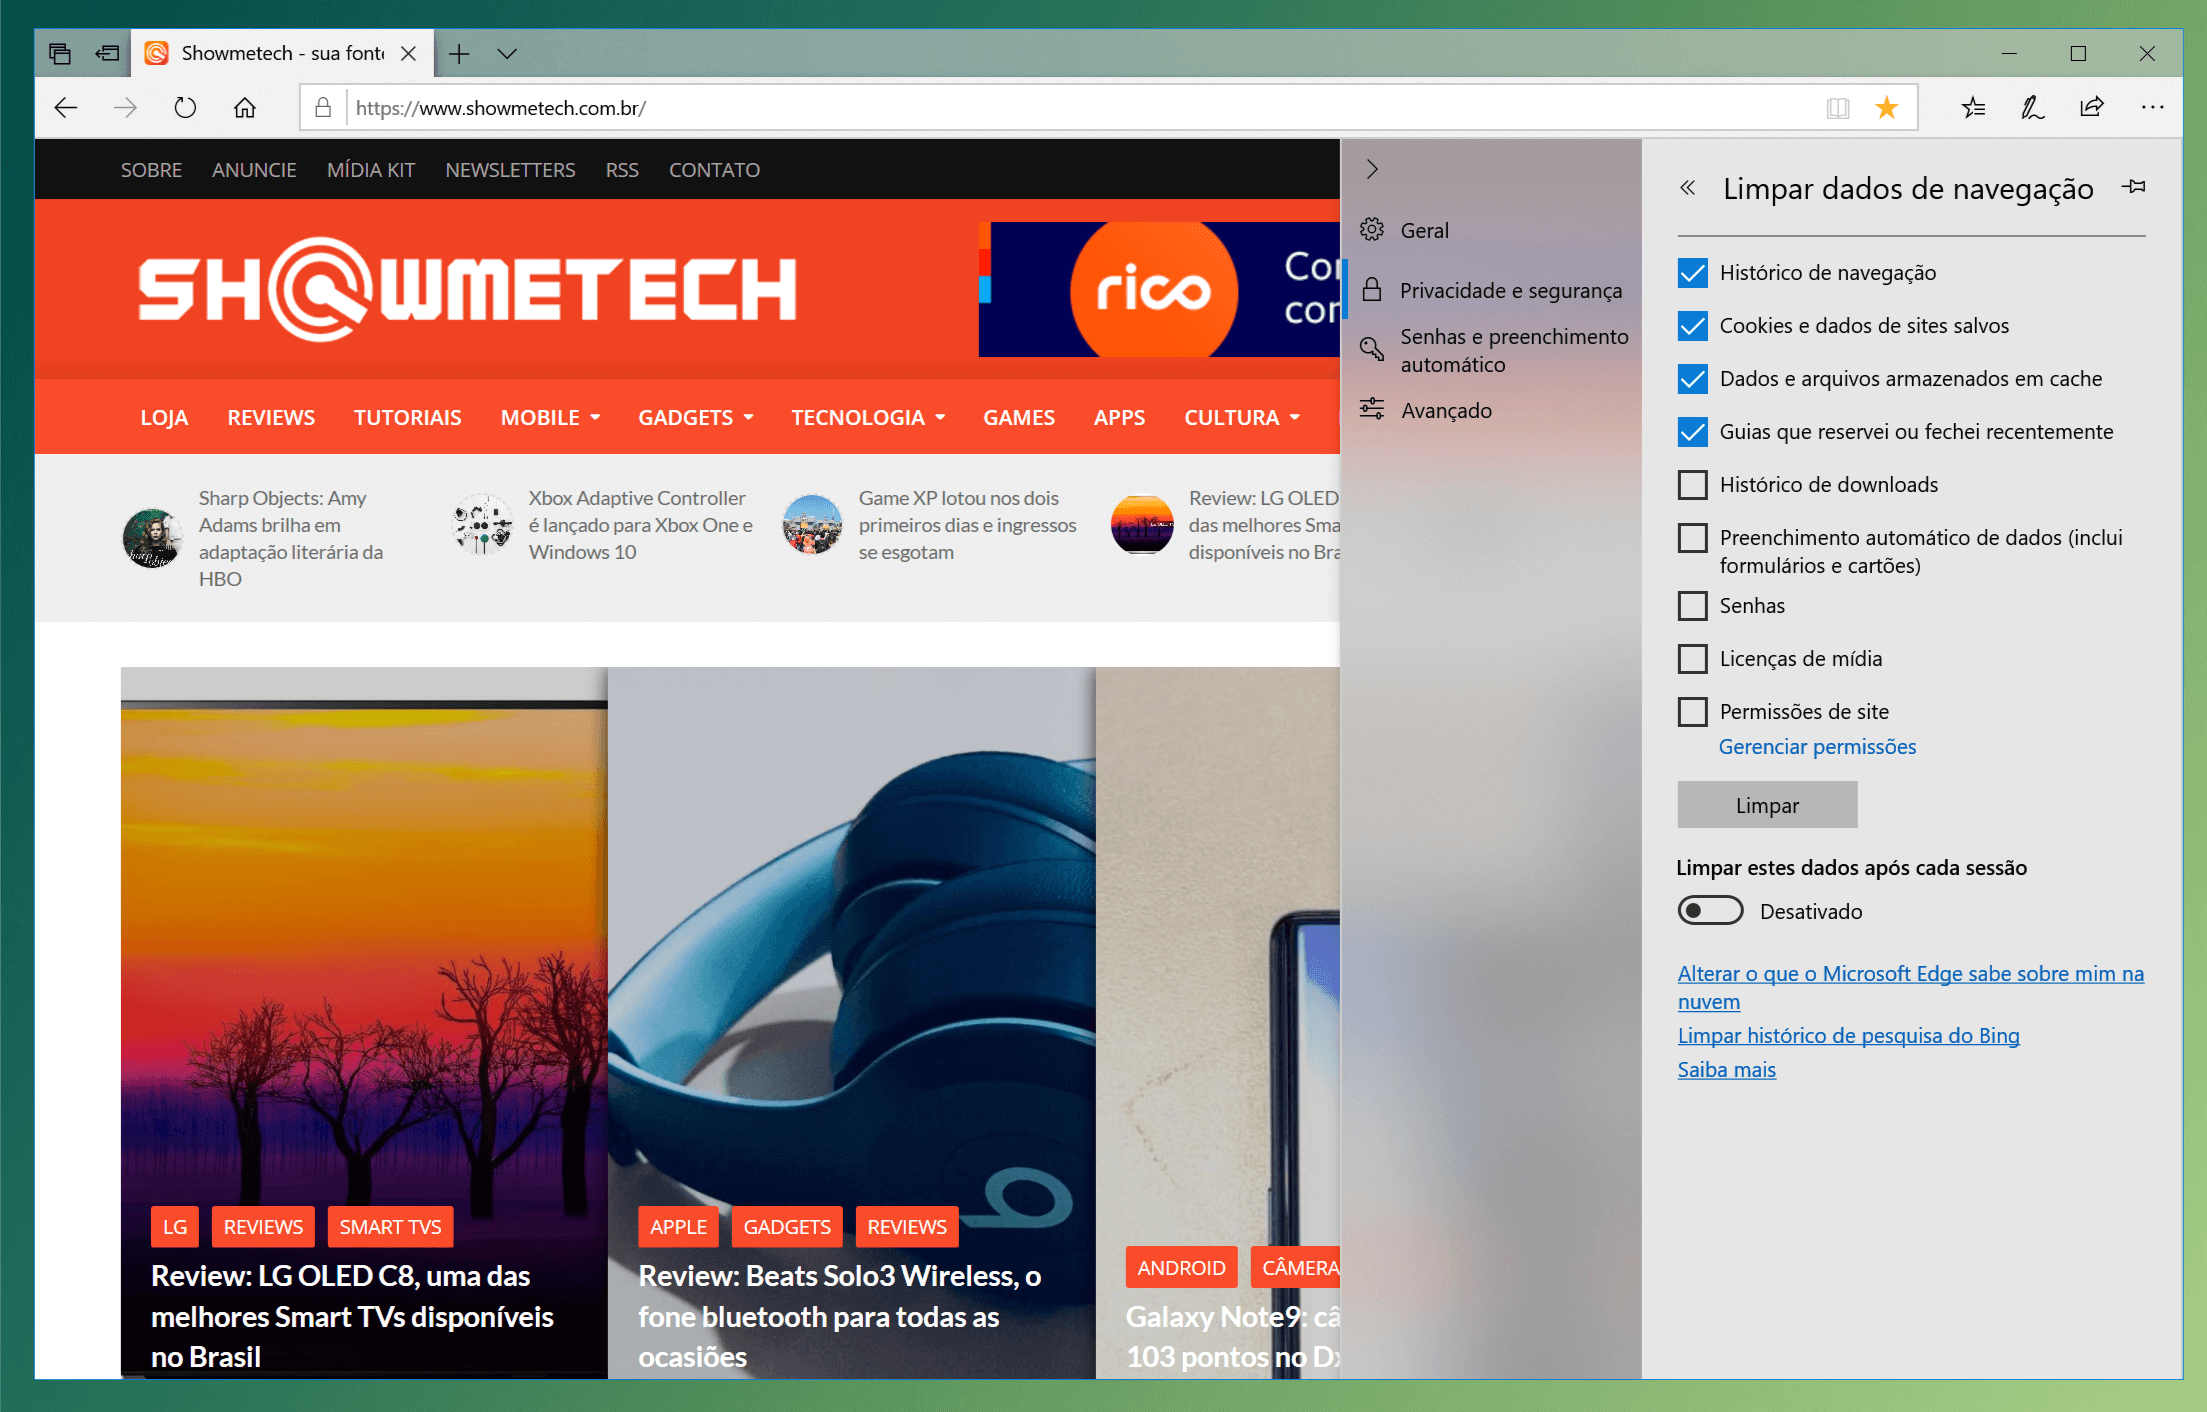 apagar historico cache navegador browser windows 10 Microsoft Edge - Limpeza do browser: aprenda a limpar a cache e histórico do navegador